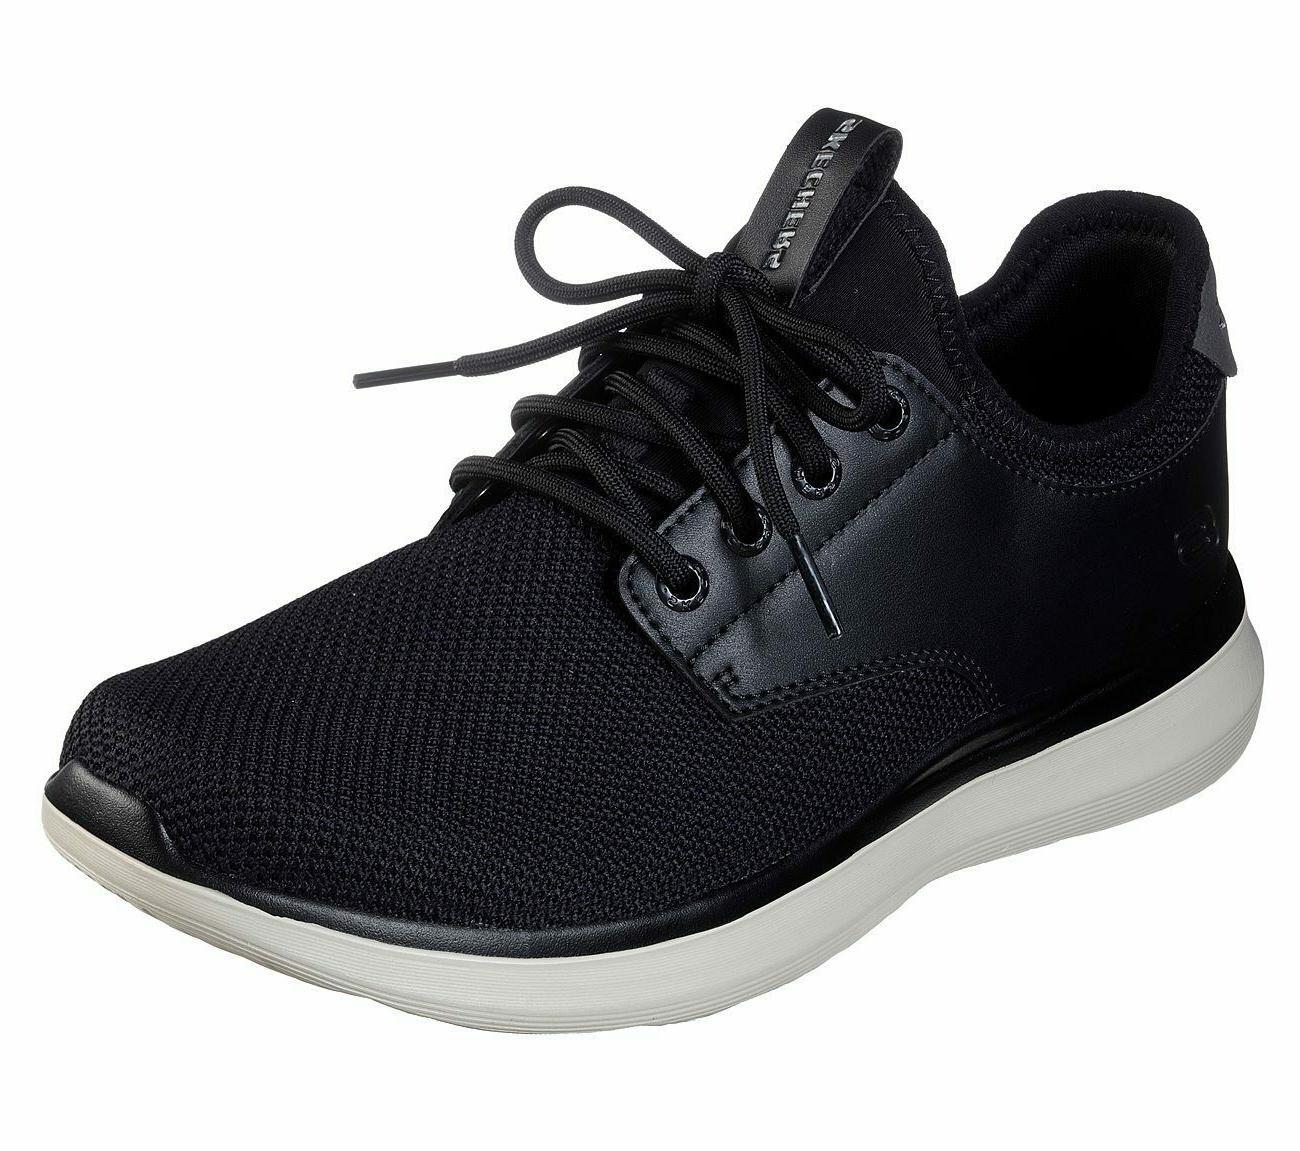 shoes men black memory foam casual comfort